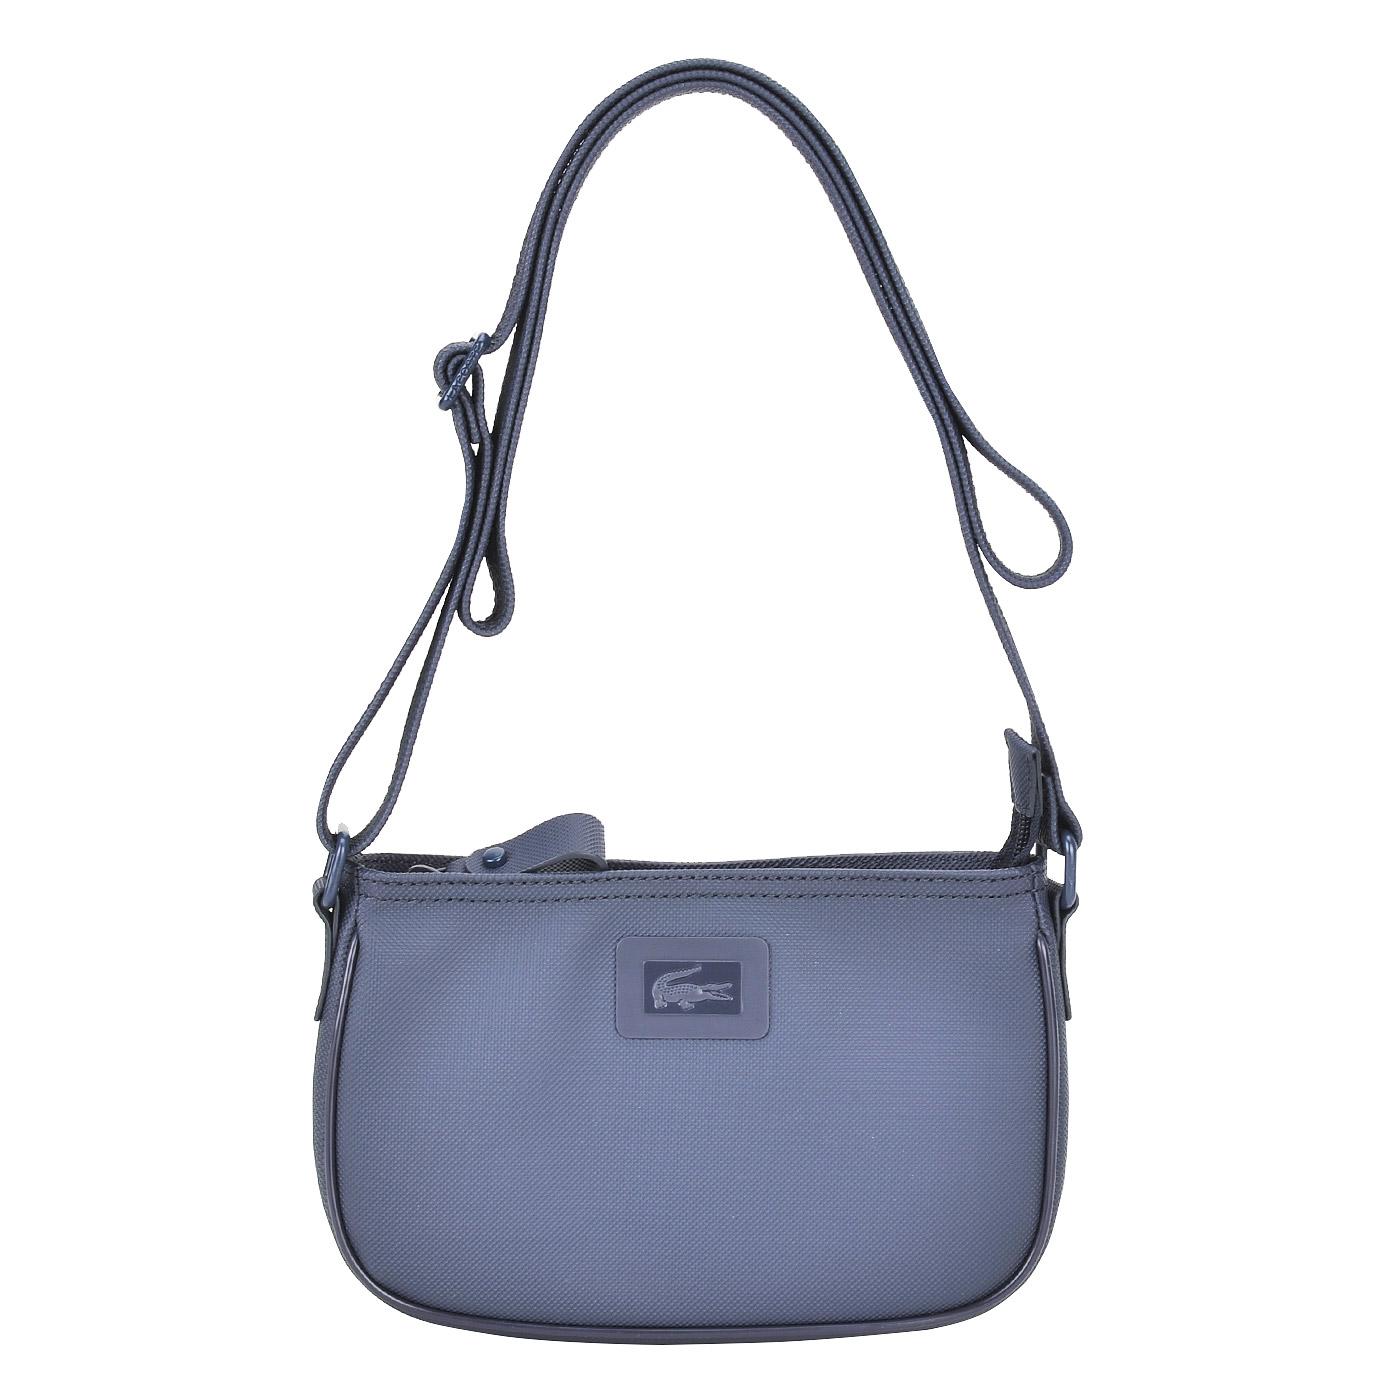 15fd41a50193 Женская сумка через плечо Lacoste Women's Classic Женская сумка через плечо  Lacoste Women's Classic ...